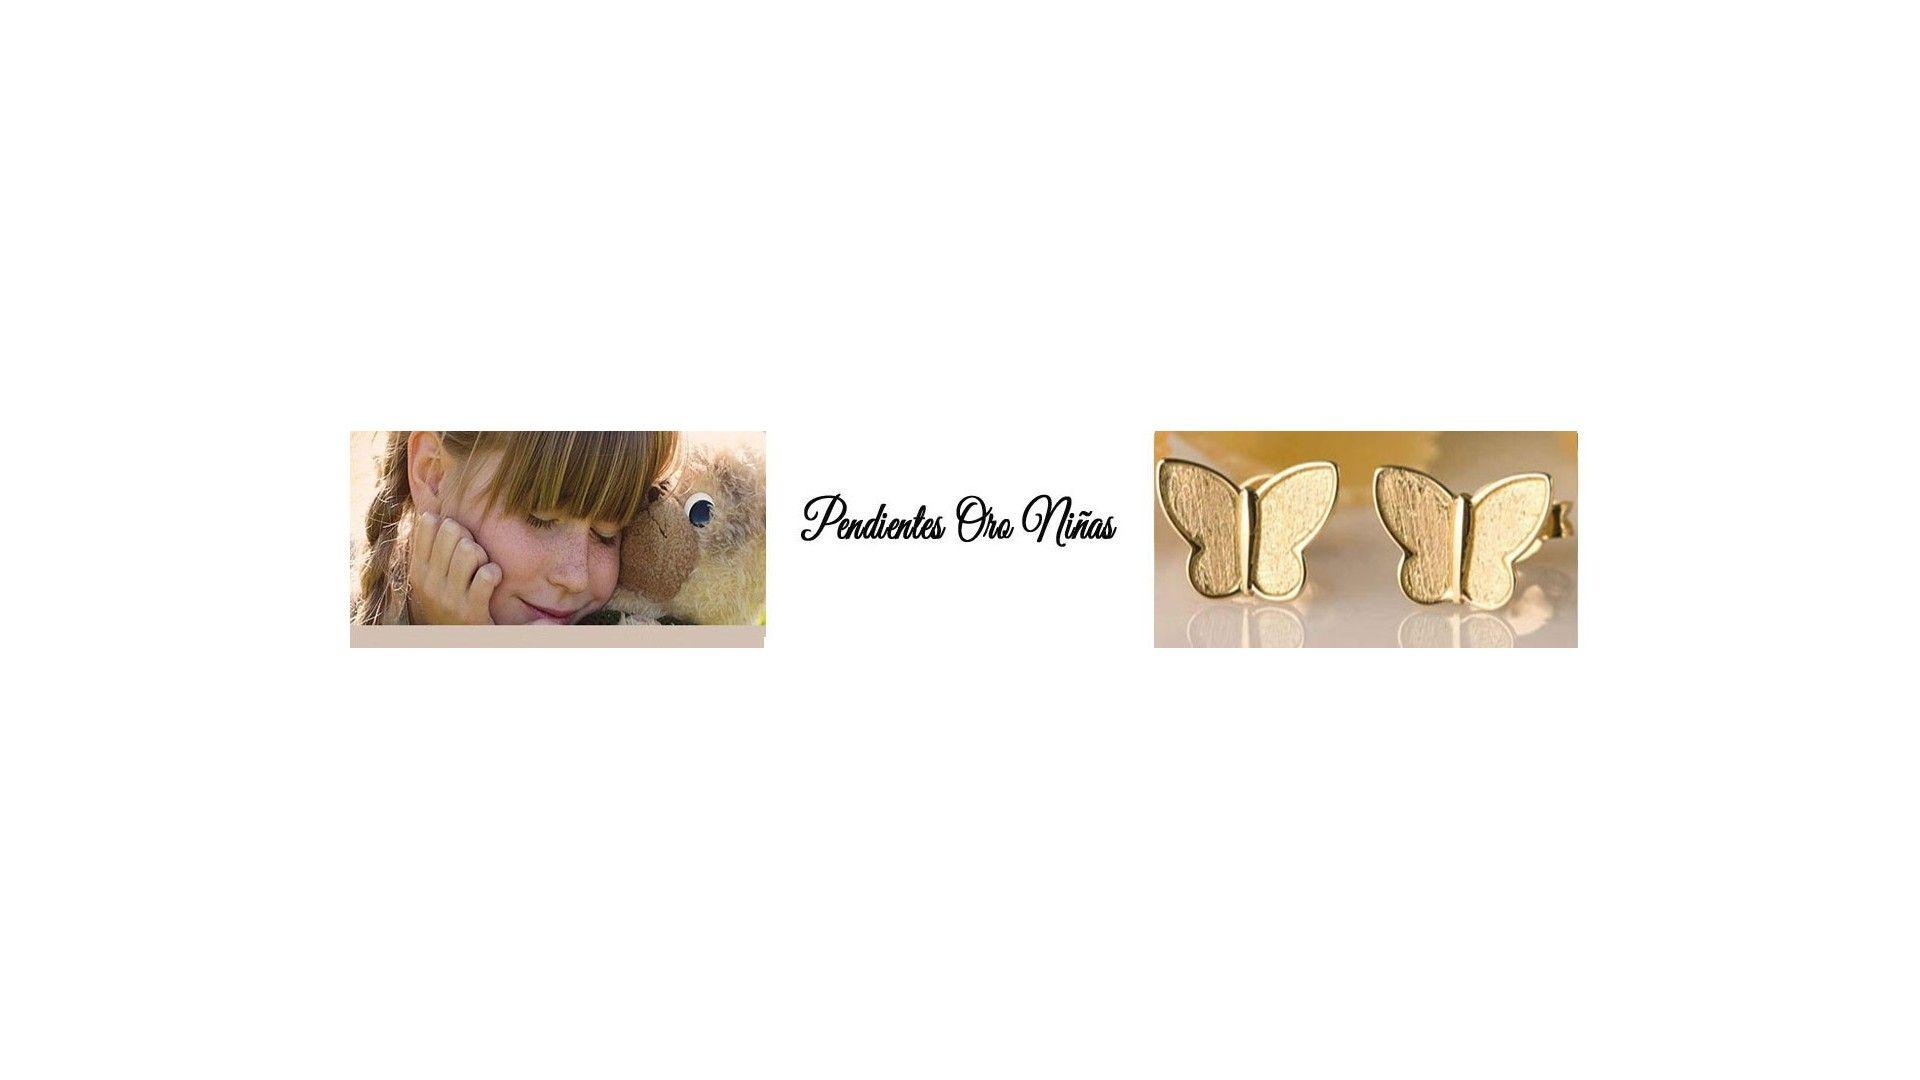 Los pendientes de oro son el regalo perfecto para nuestras pequeñas